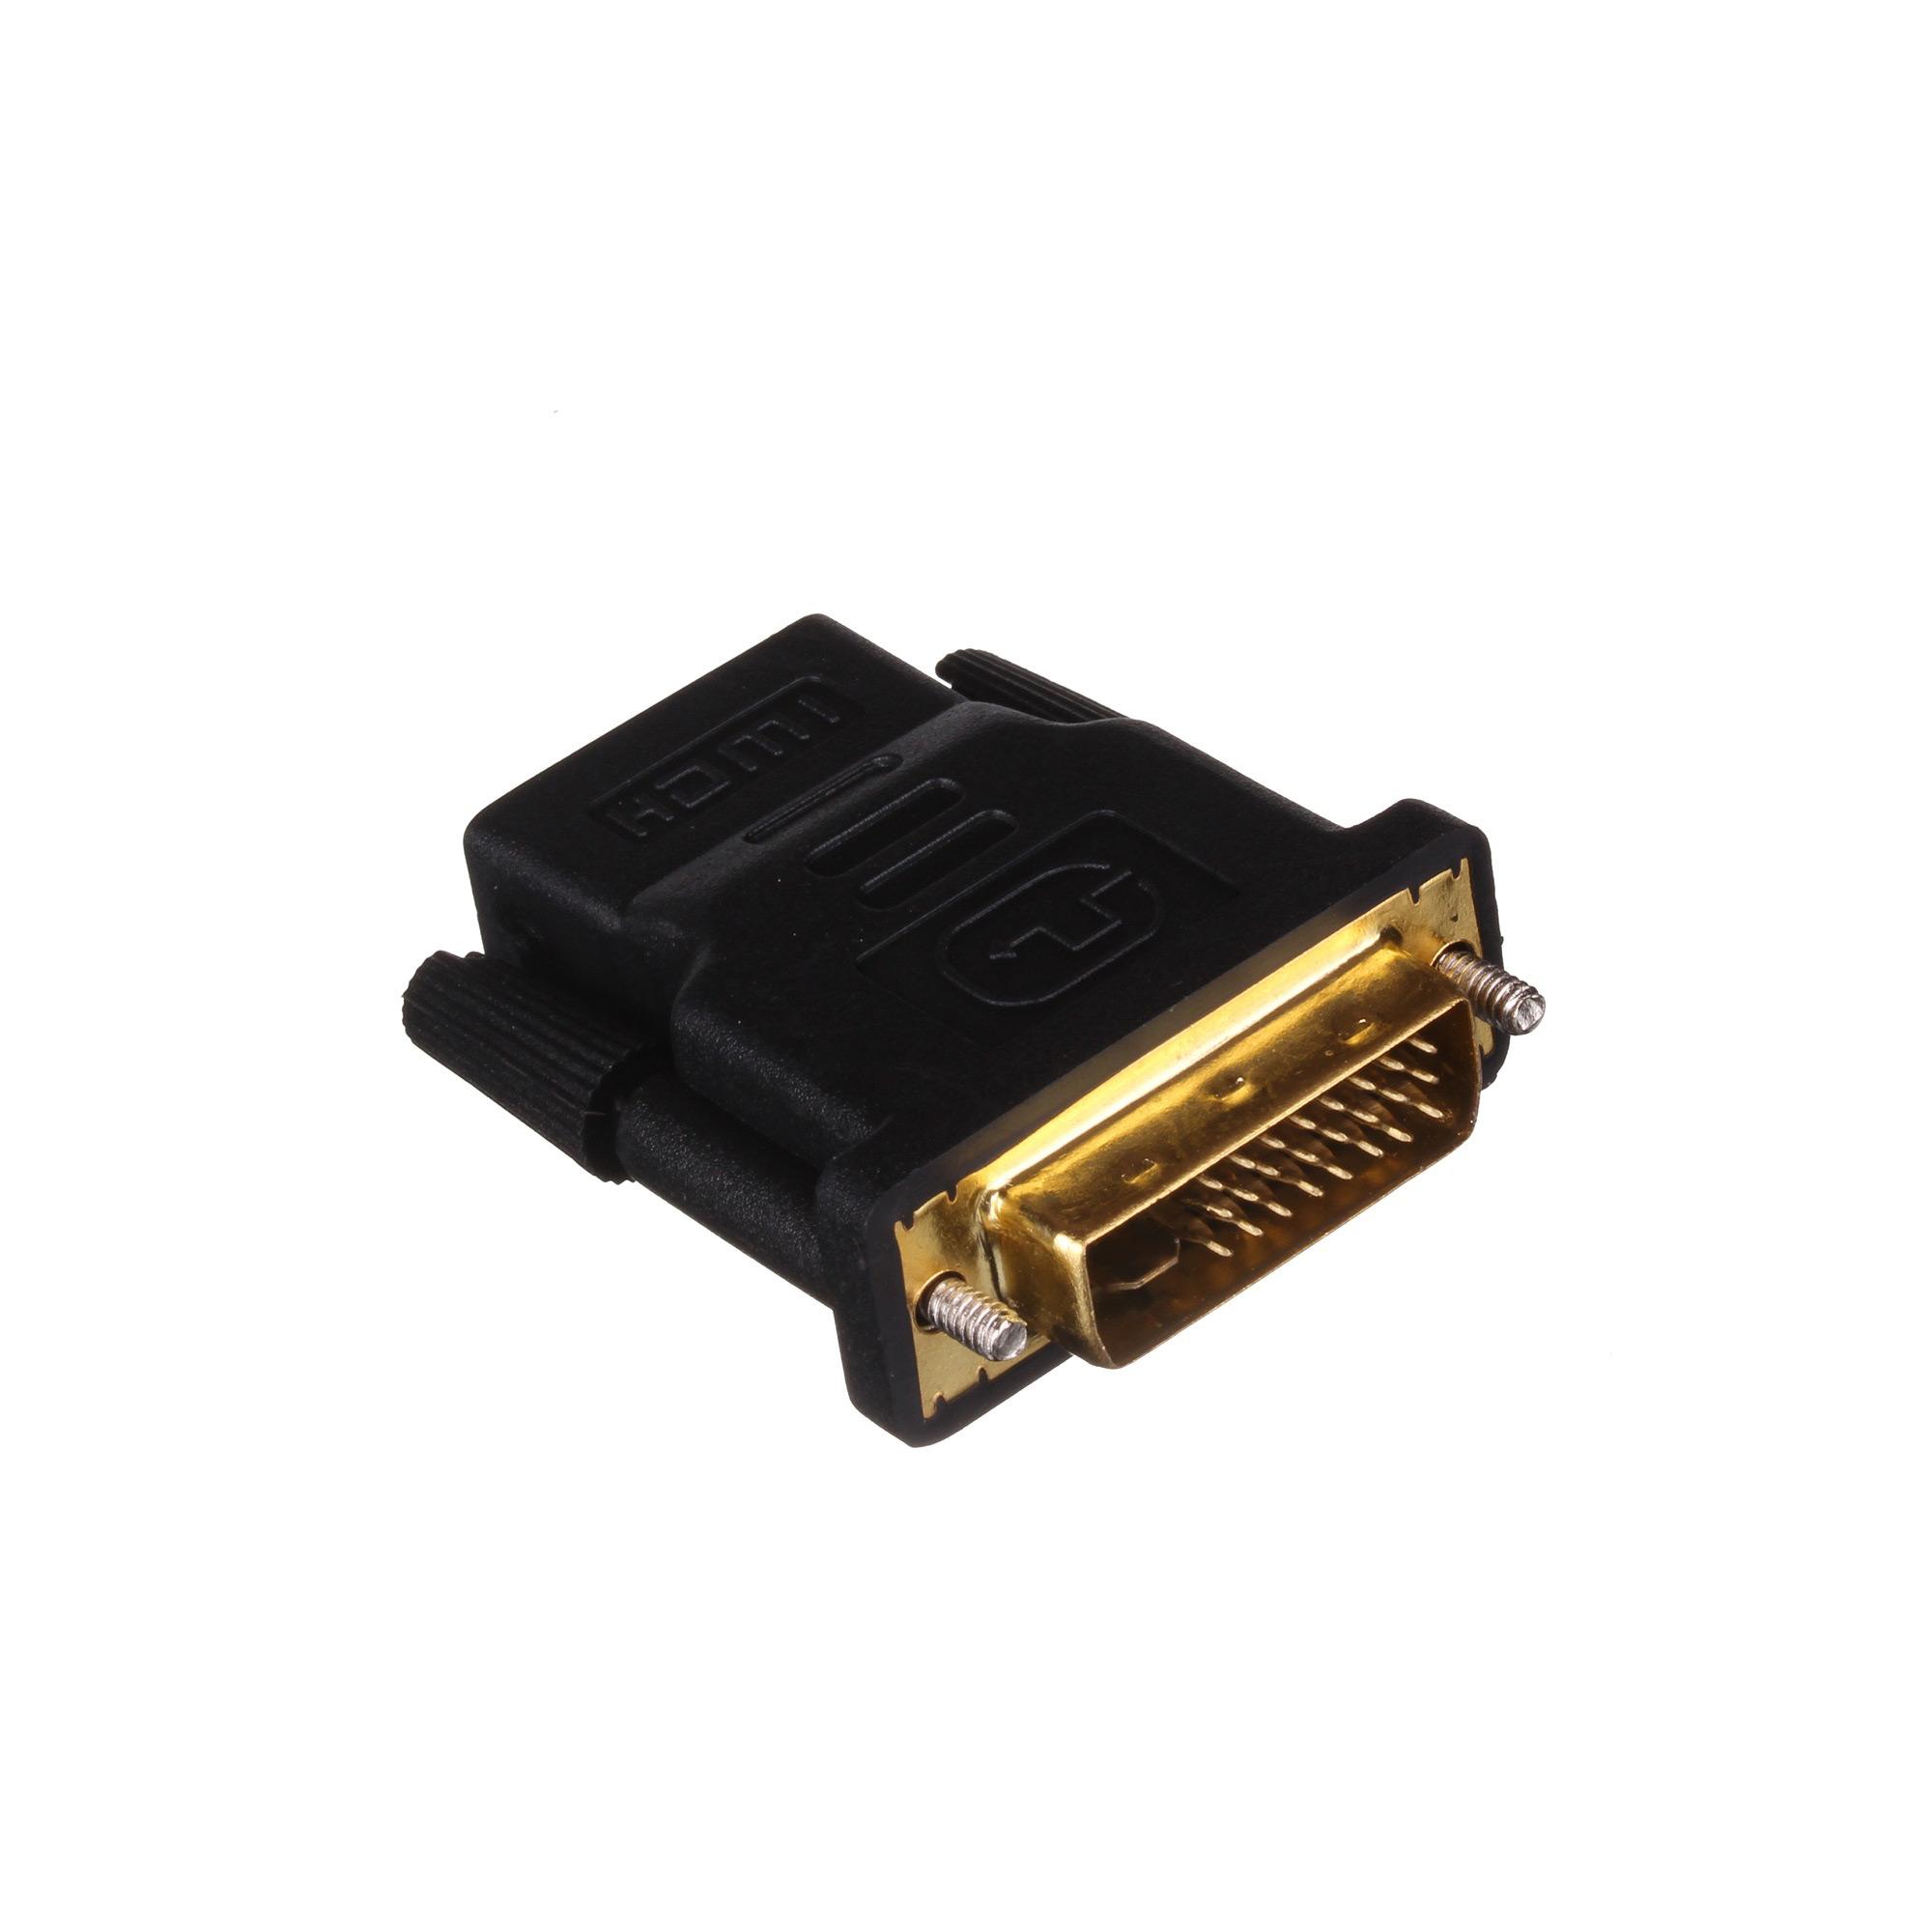 ExeGate HDMI 19M to HDMI 19M v1.4b 1m 191098